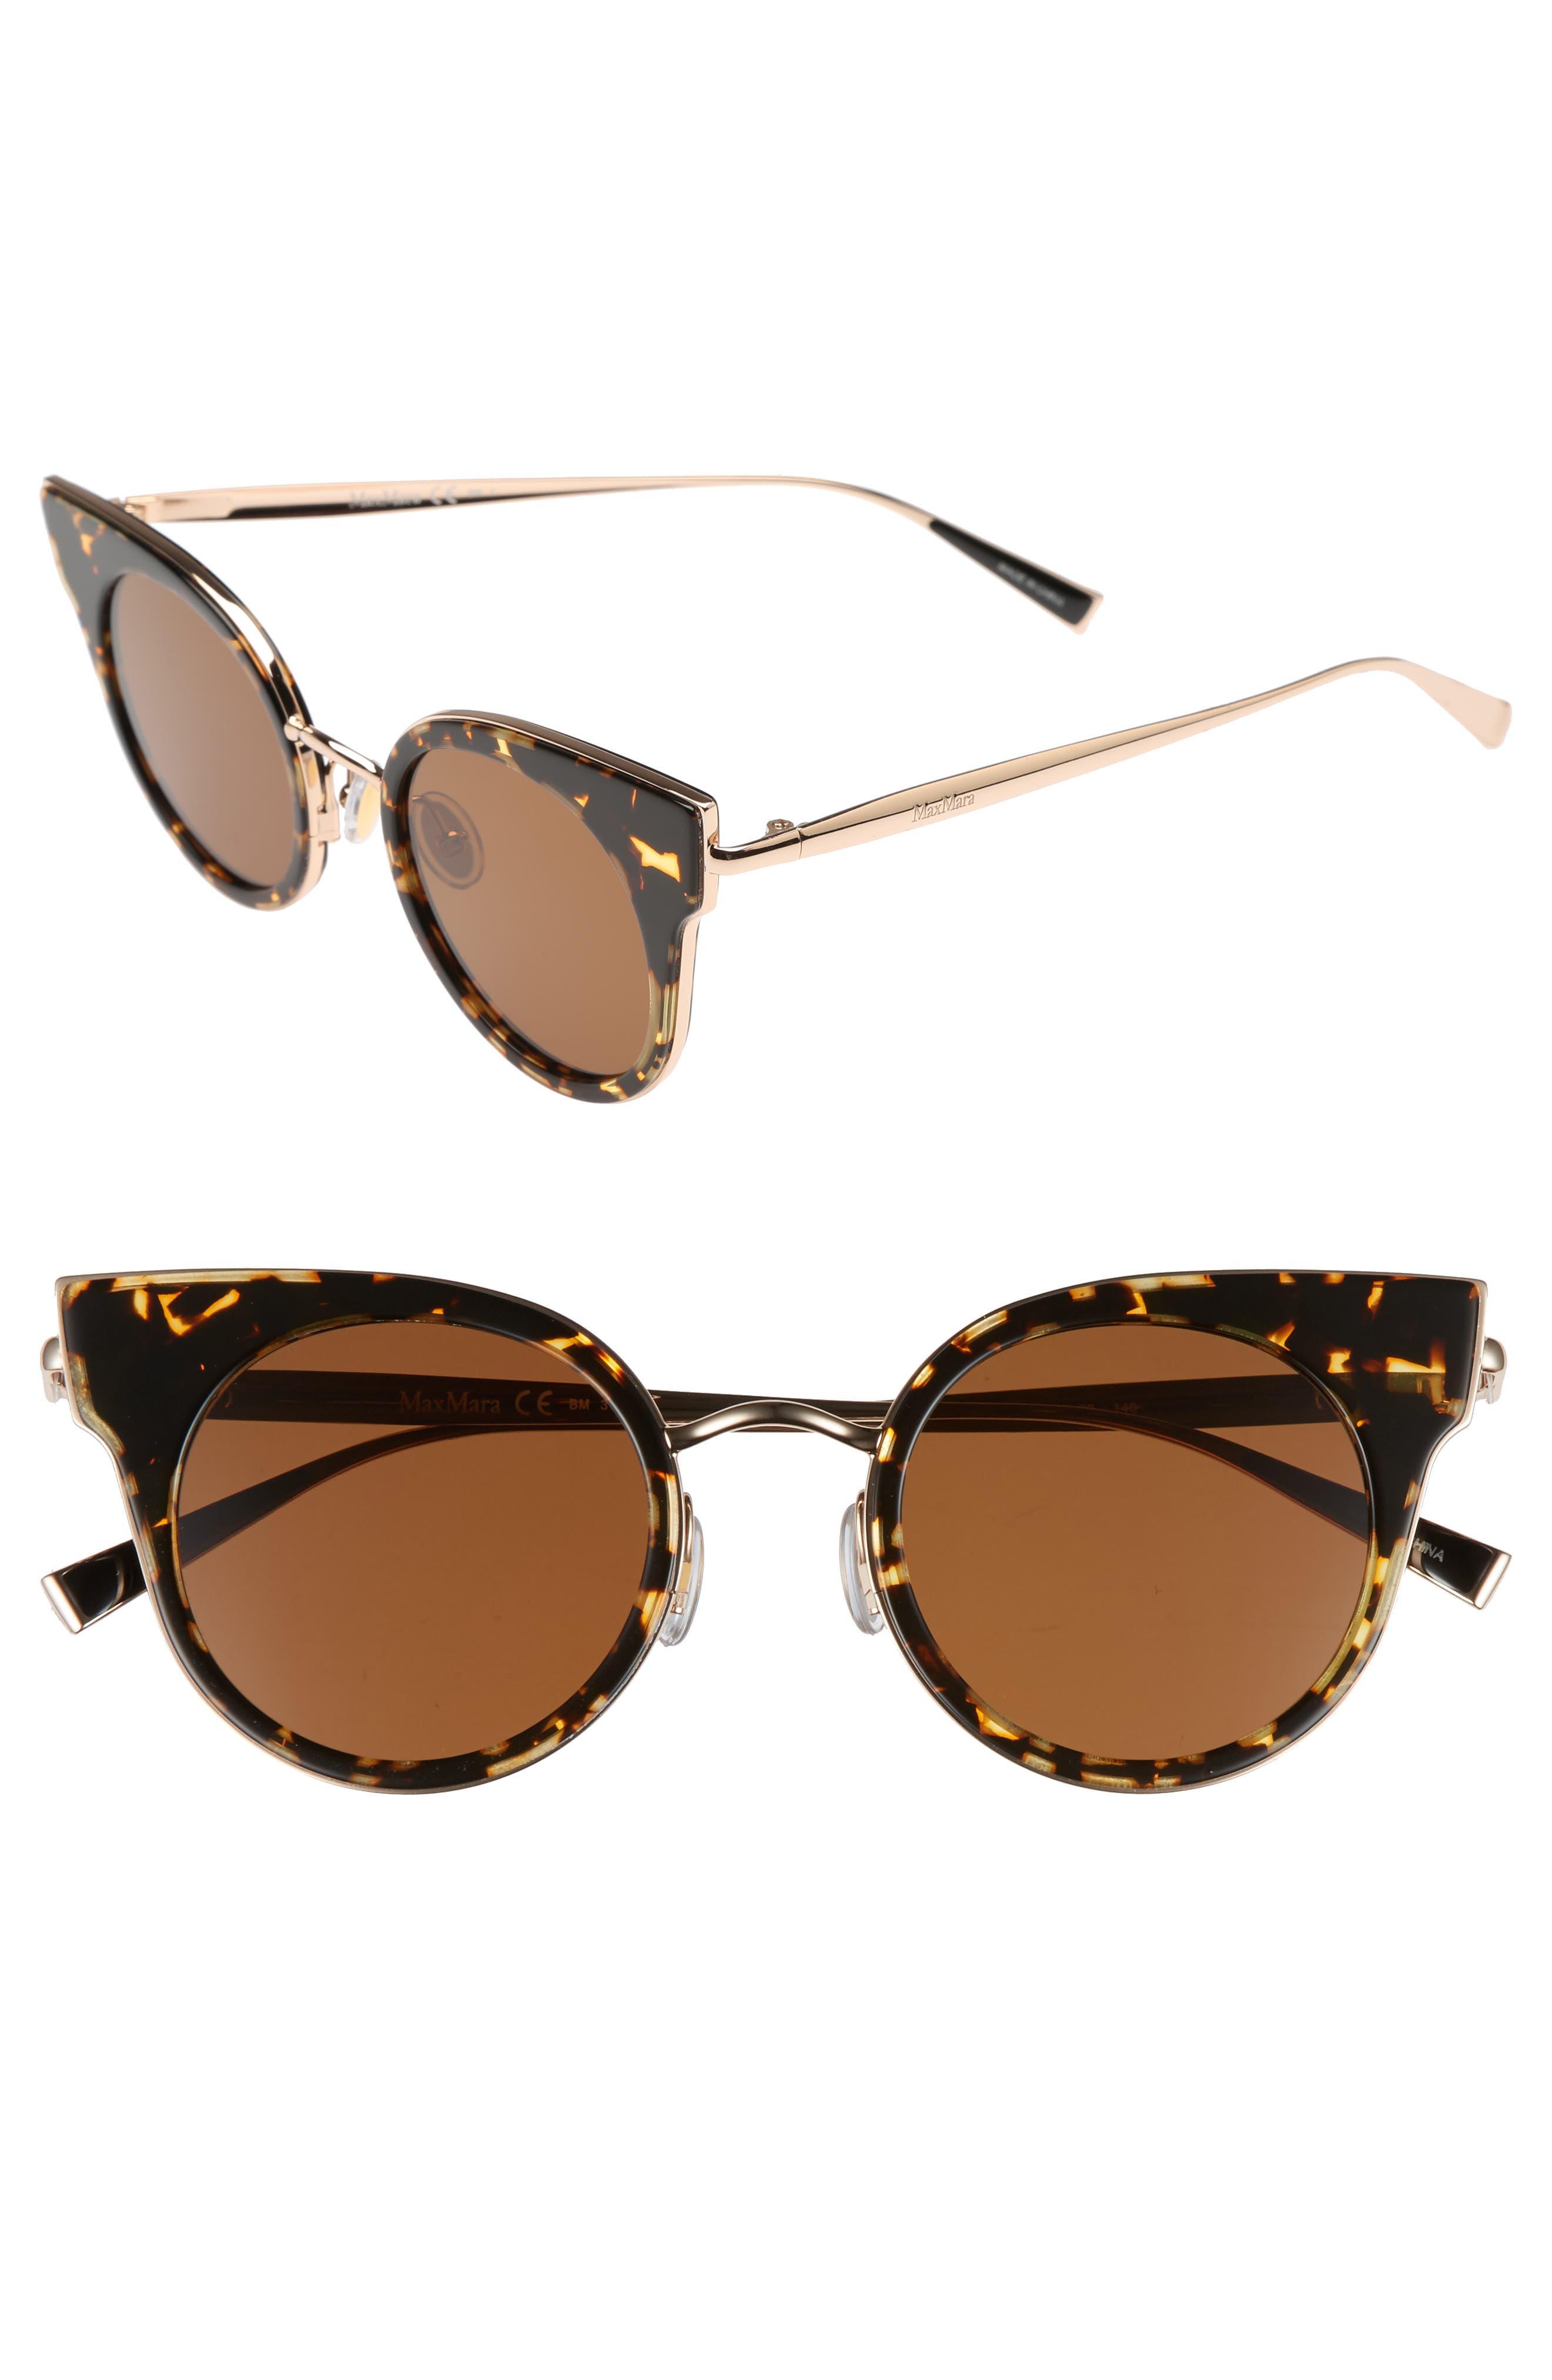 Main Image - Max Mara Ilde 46mm Cat Eye Sunglasses